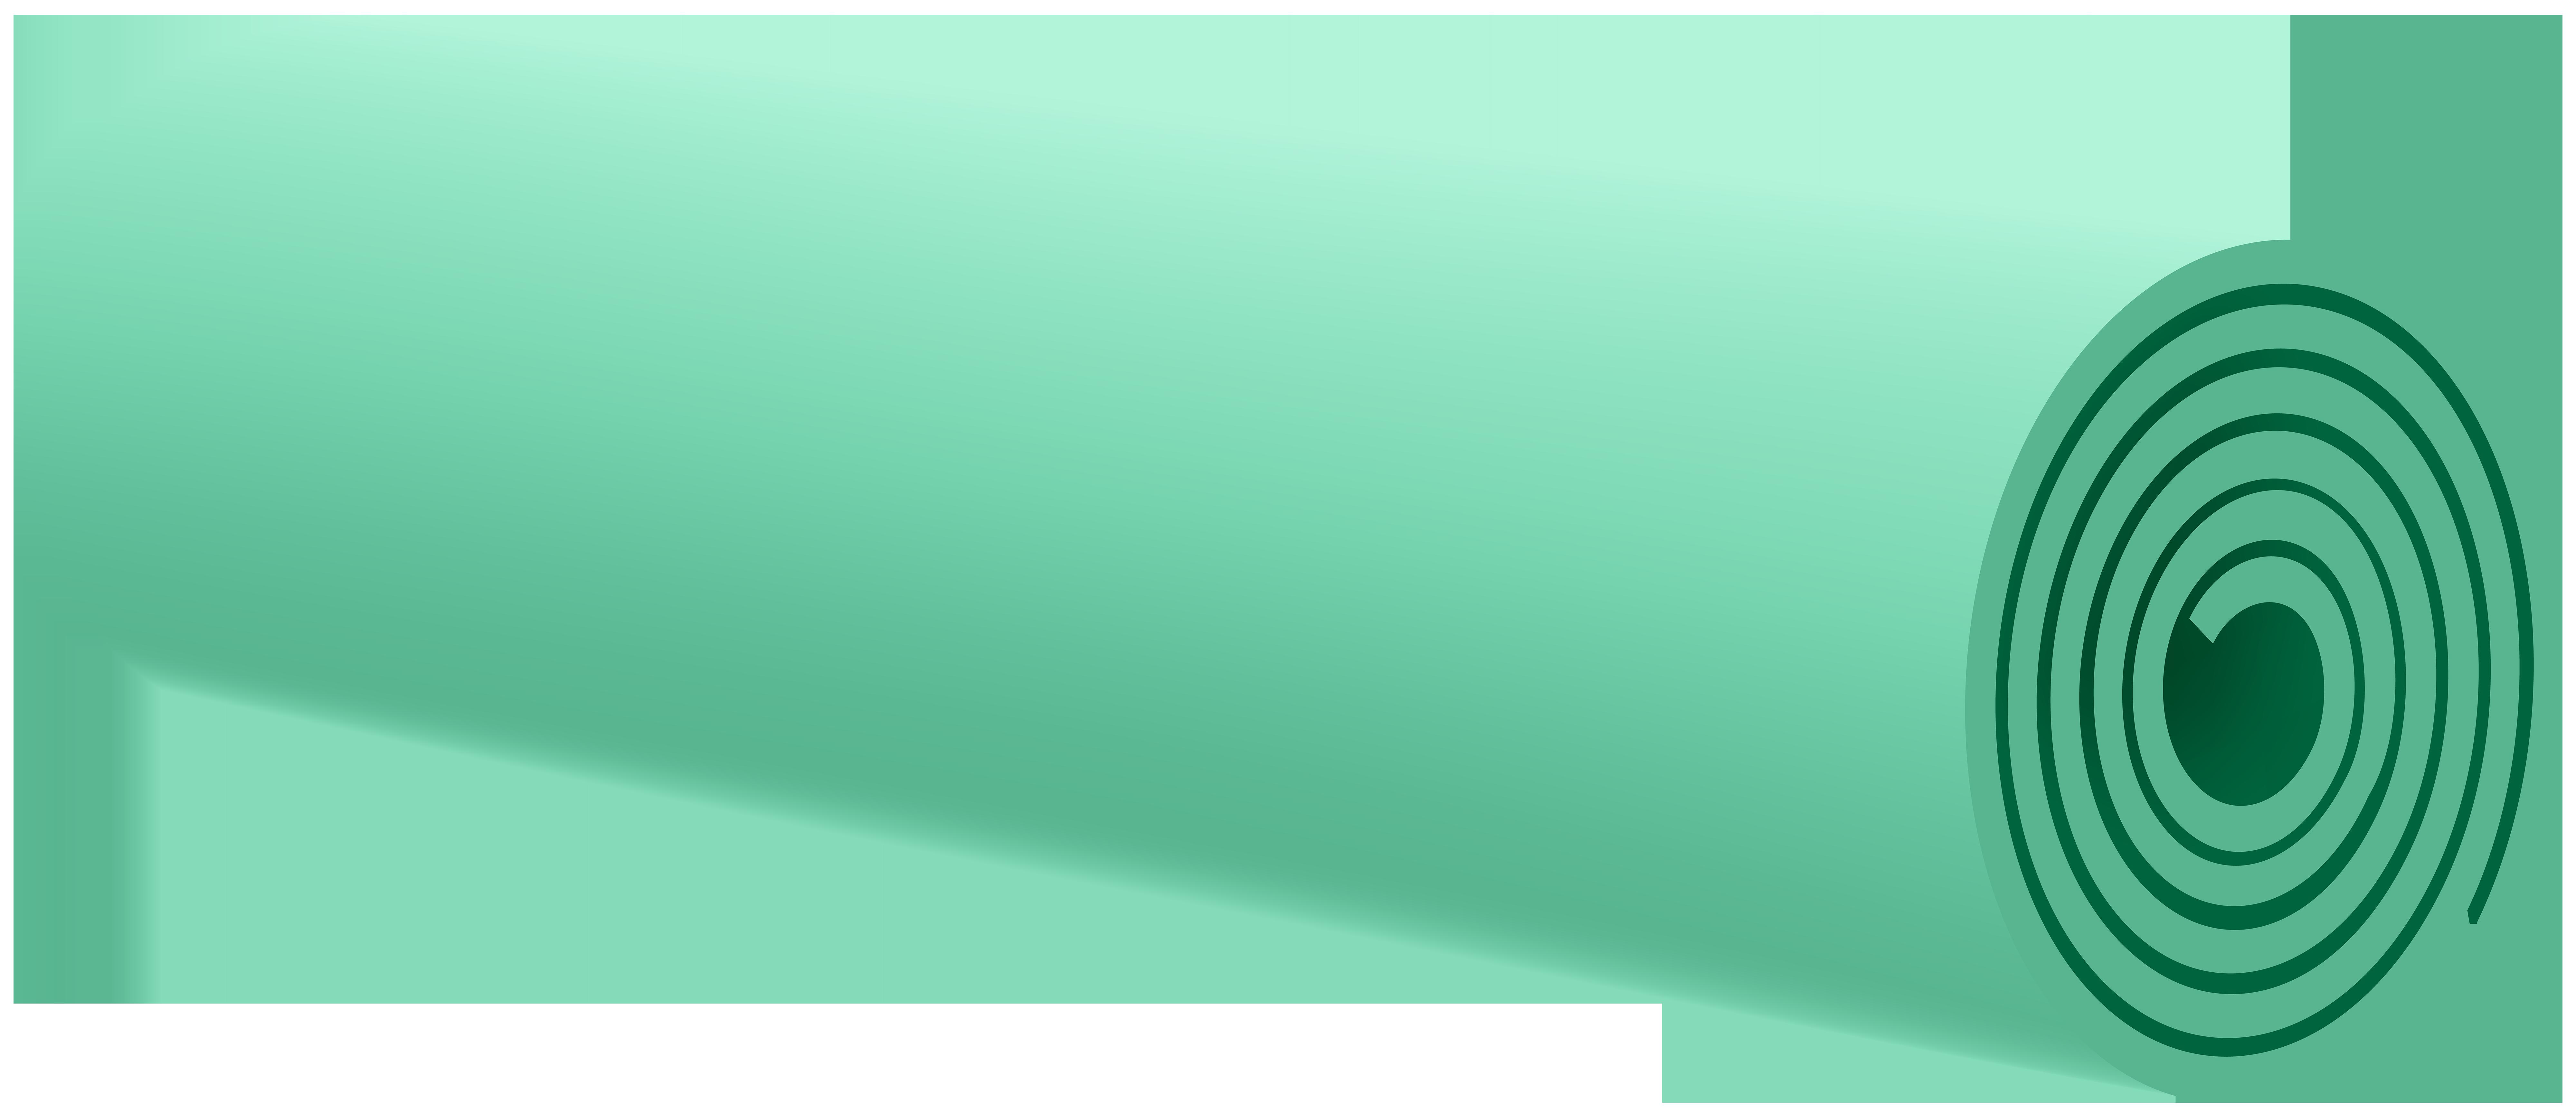 Yoga Mat PNG Clip Art Image.